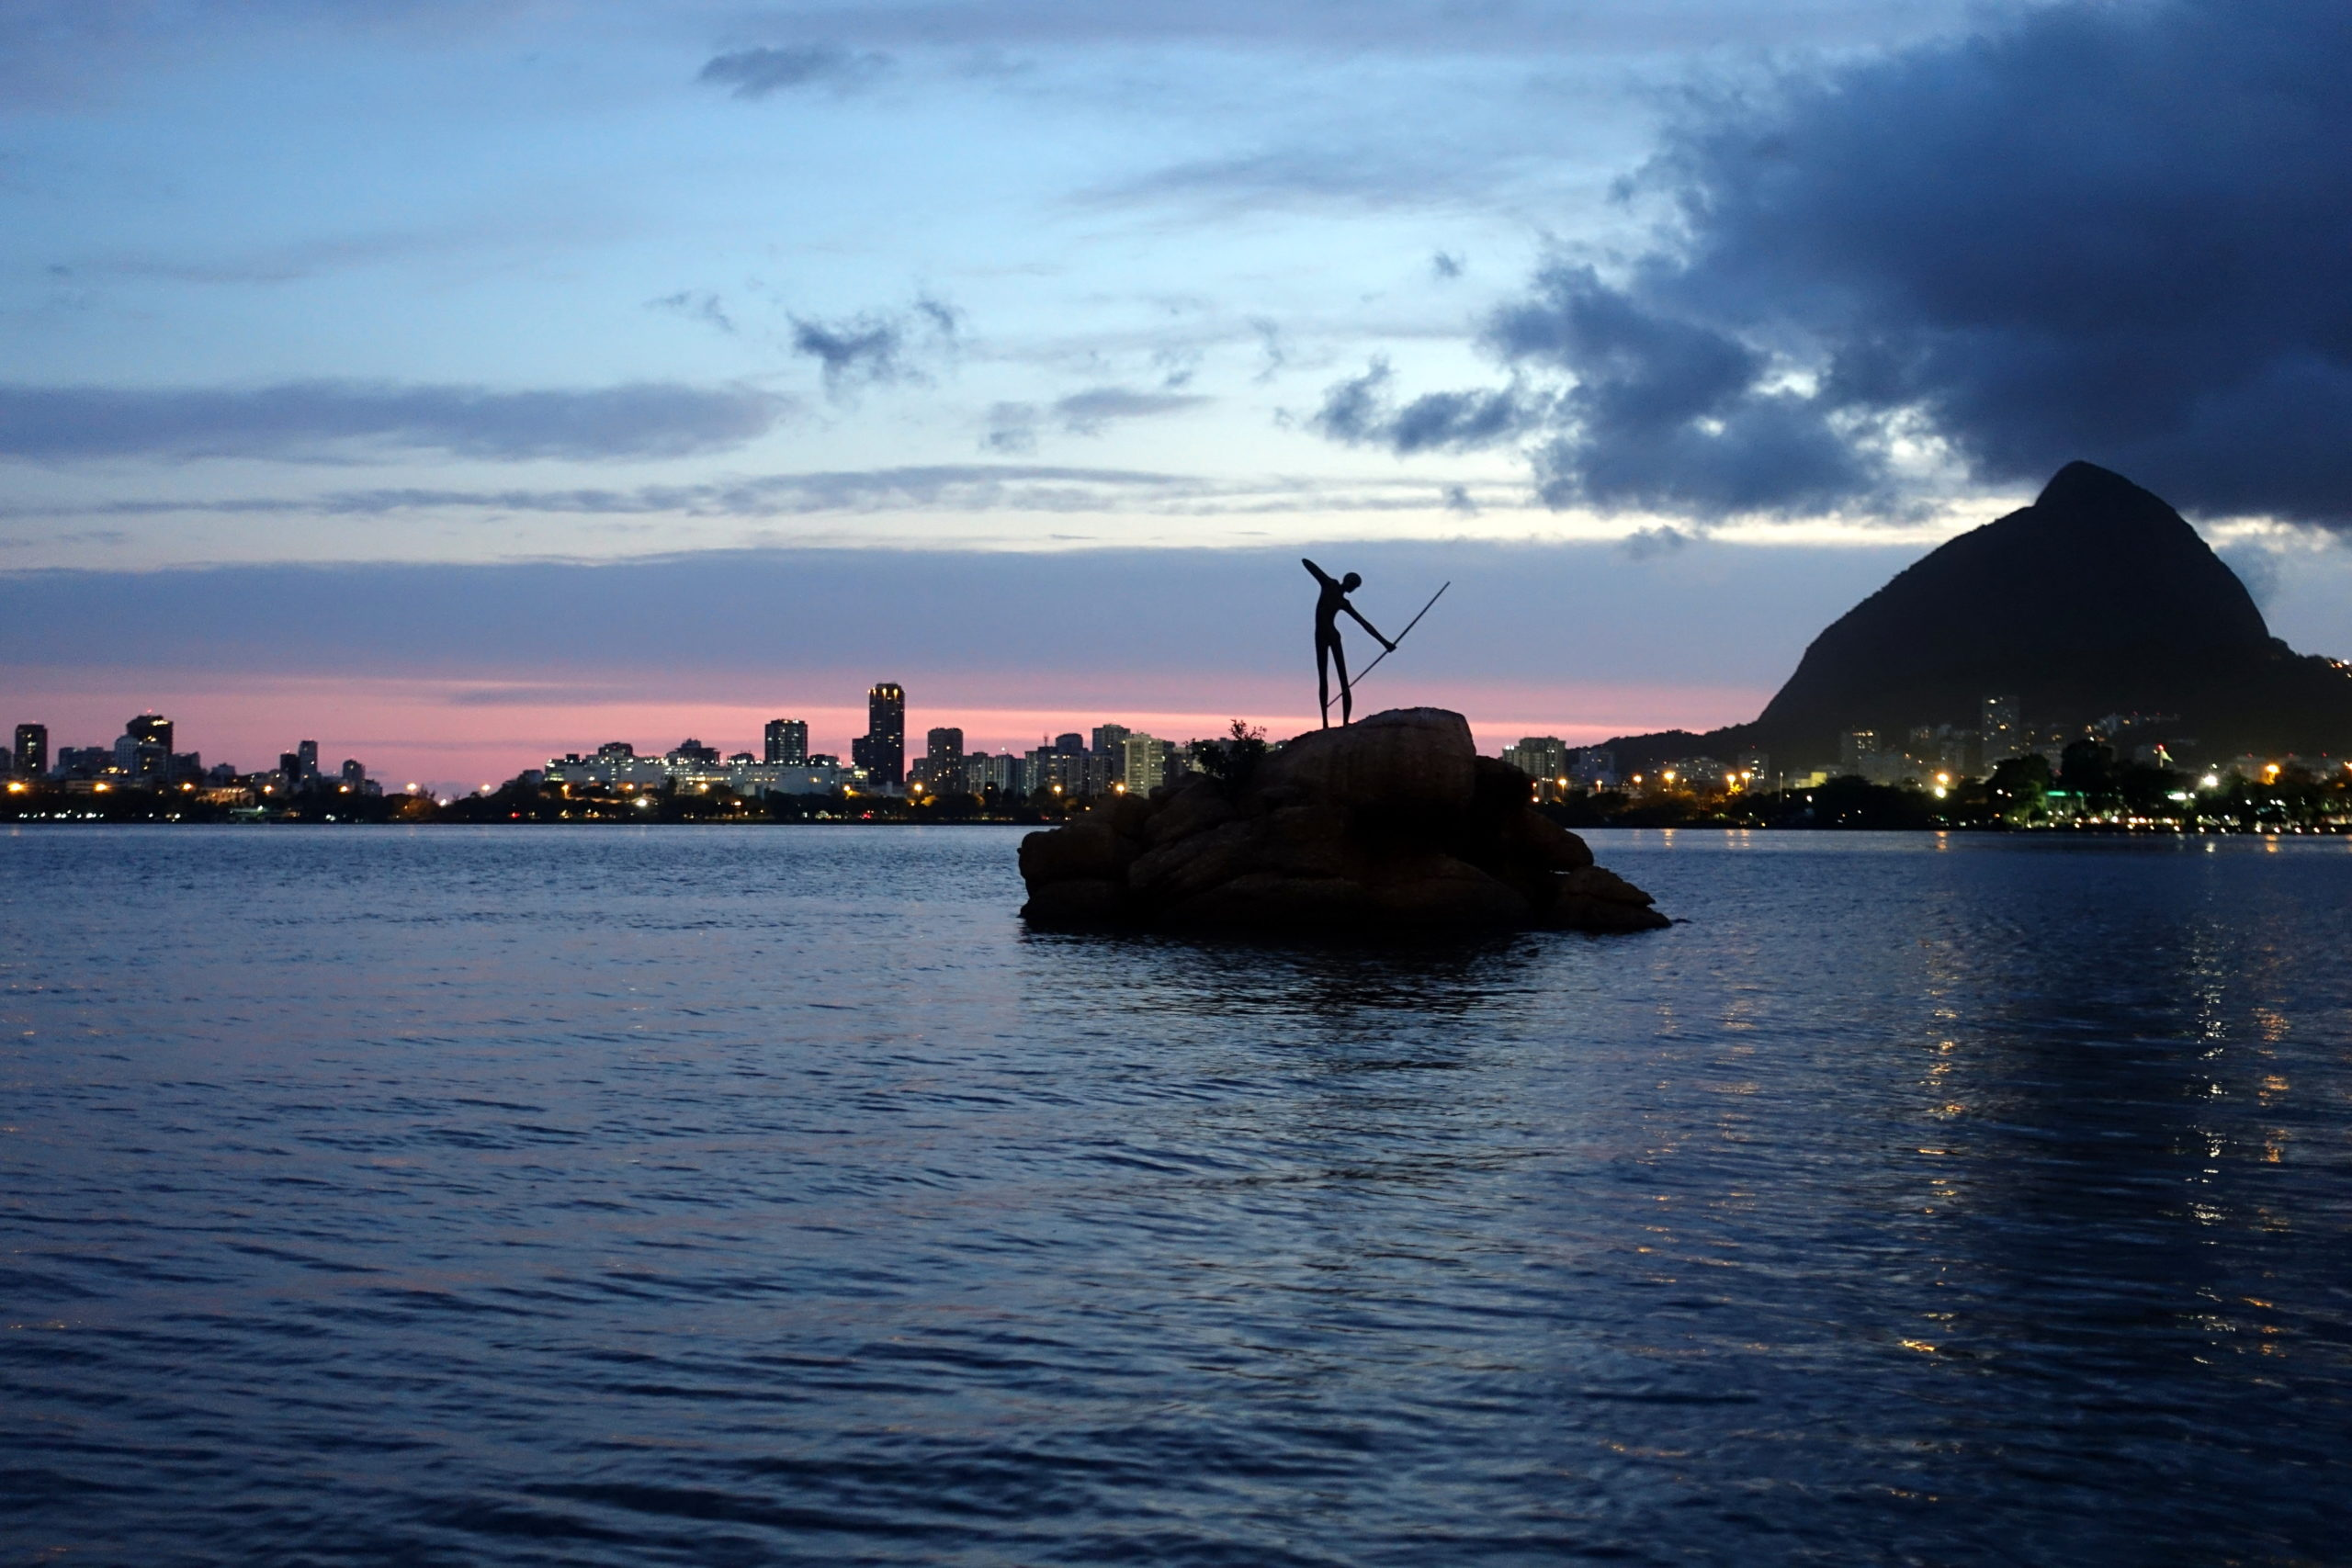 Die Lago gehört zu den Geheimtipps in Rio de Janeiro